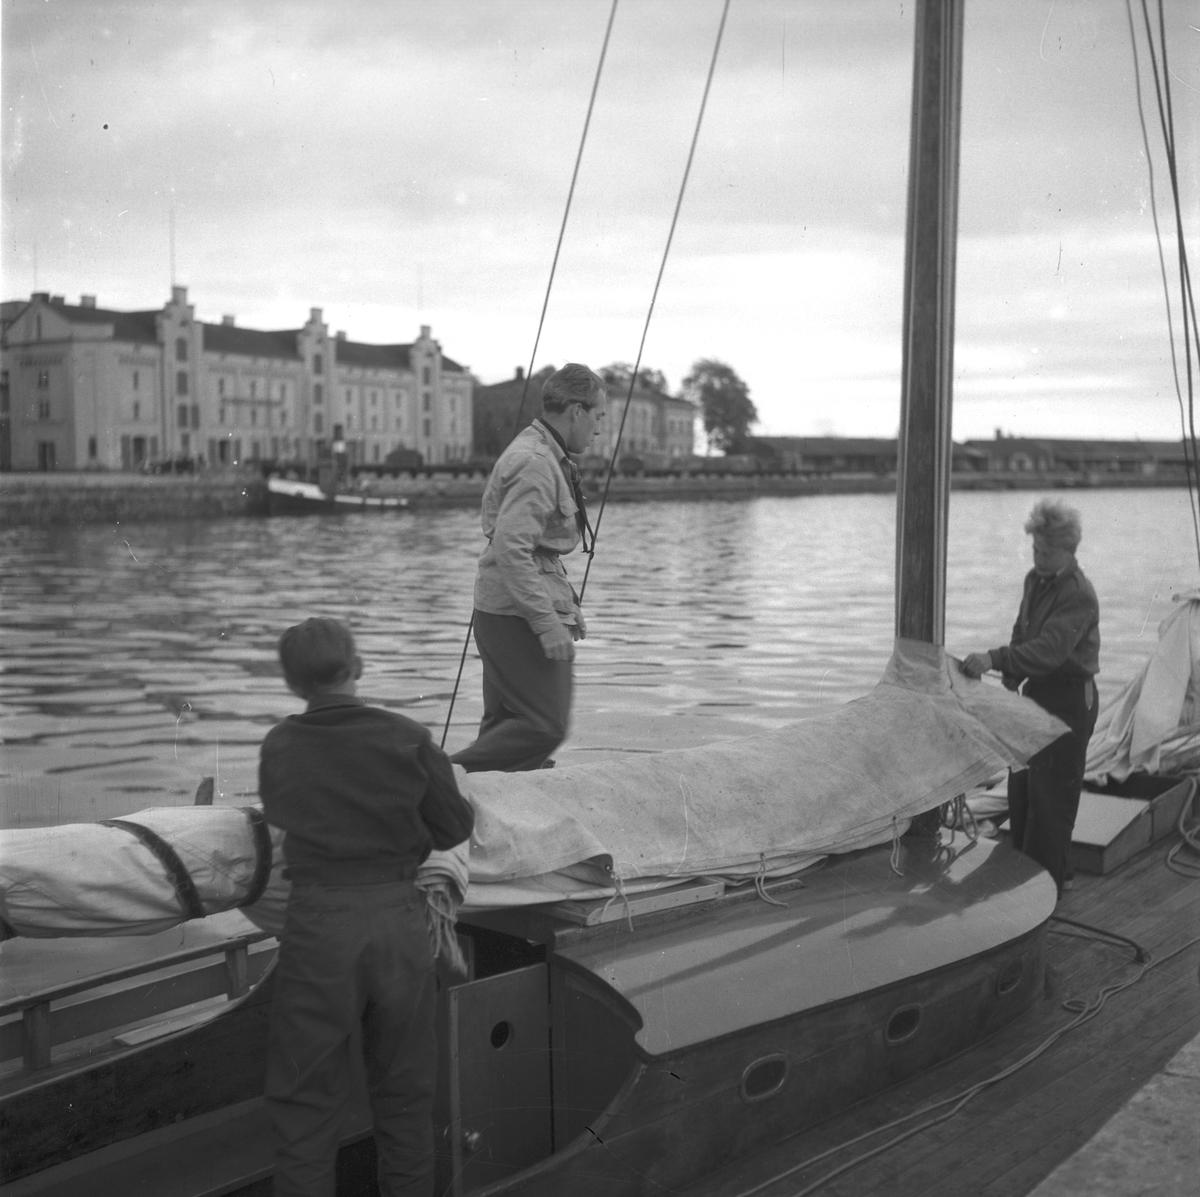 Metodistbåten, Gävle inre hamn. 12 juni 1948.